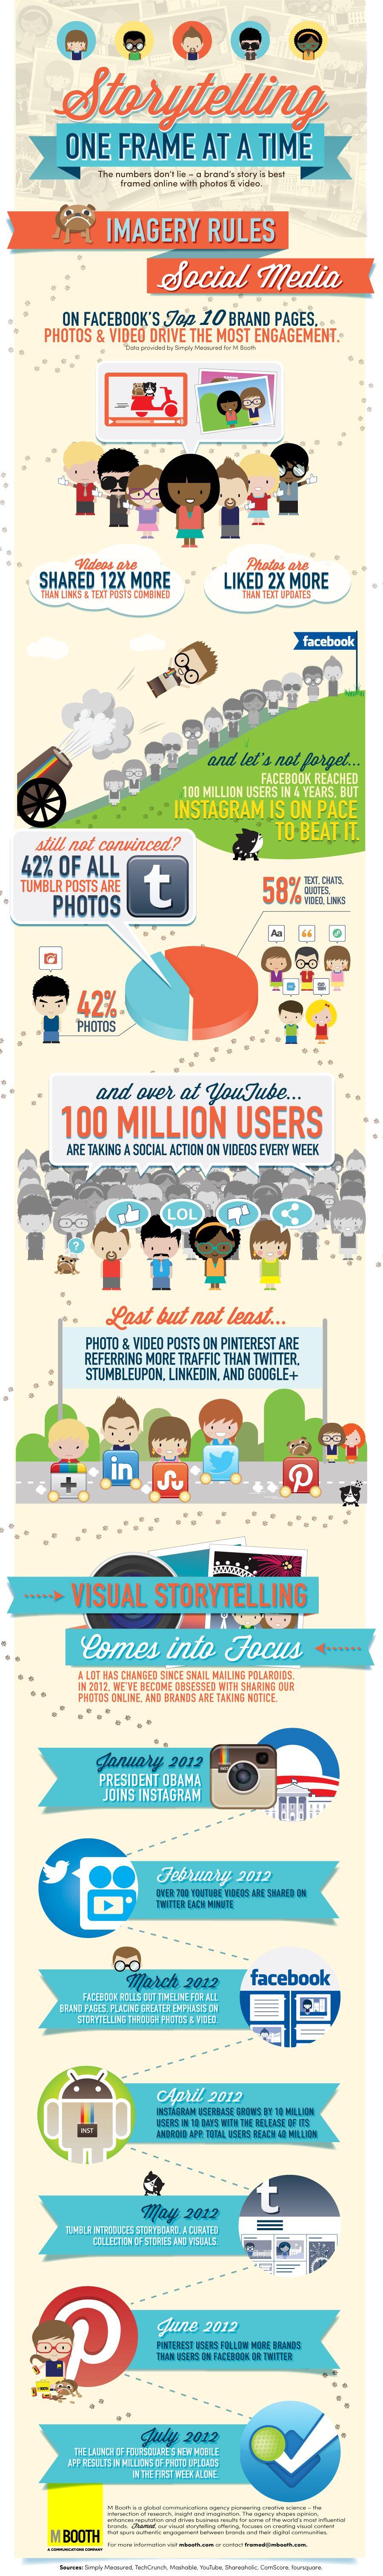 #Storytelling on Social Networks & #socialmedia Infographic